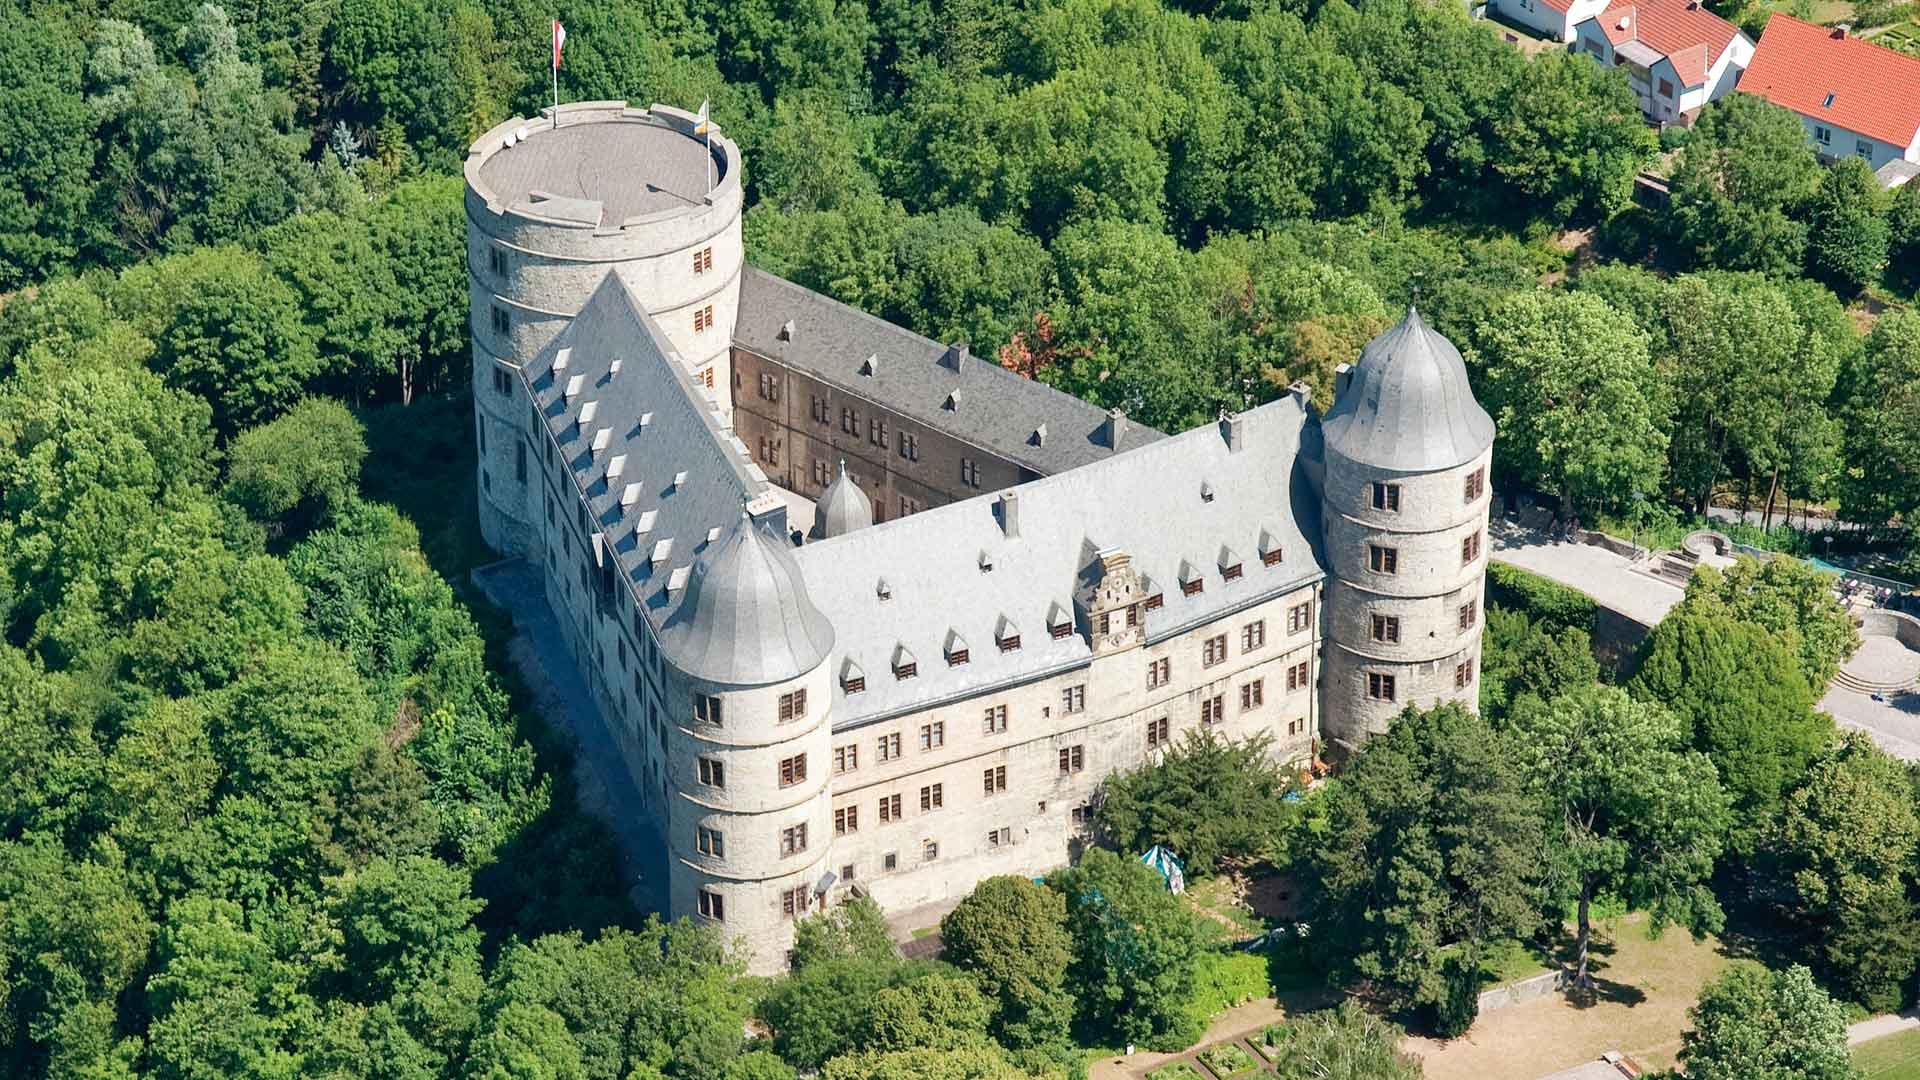 Paderborner_Land_Wewelsburg_9966